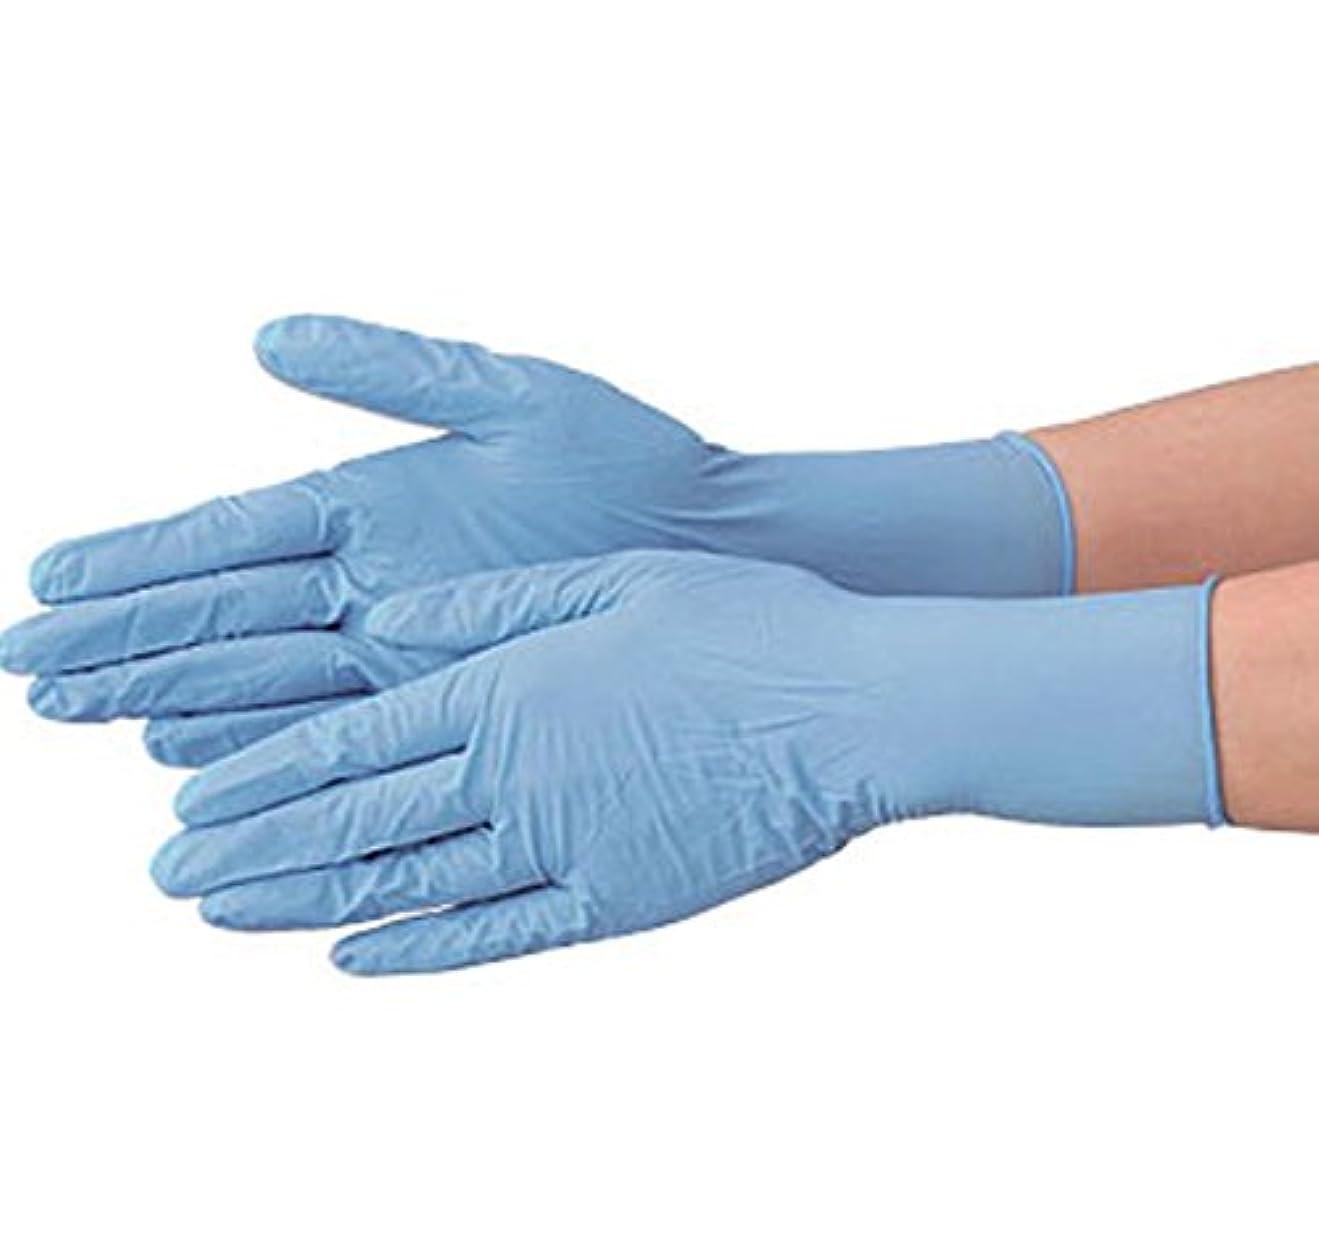 コンパスと闘う持っている使い捨て 手袋 エブノ 534 ニトリルNEO ブルー Sサイズ パウダーフリー 2ケース(100枚×60箱)